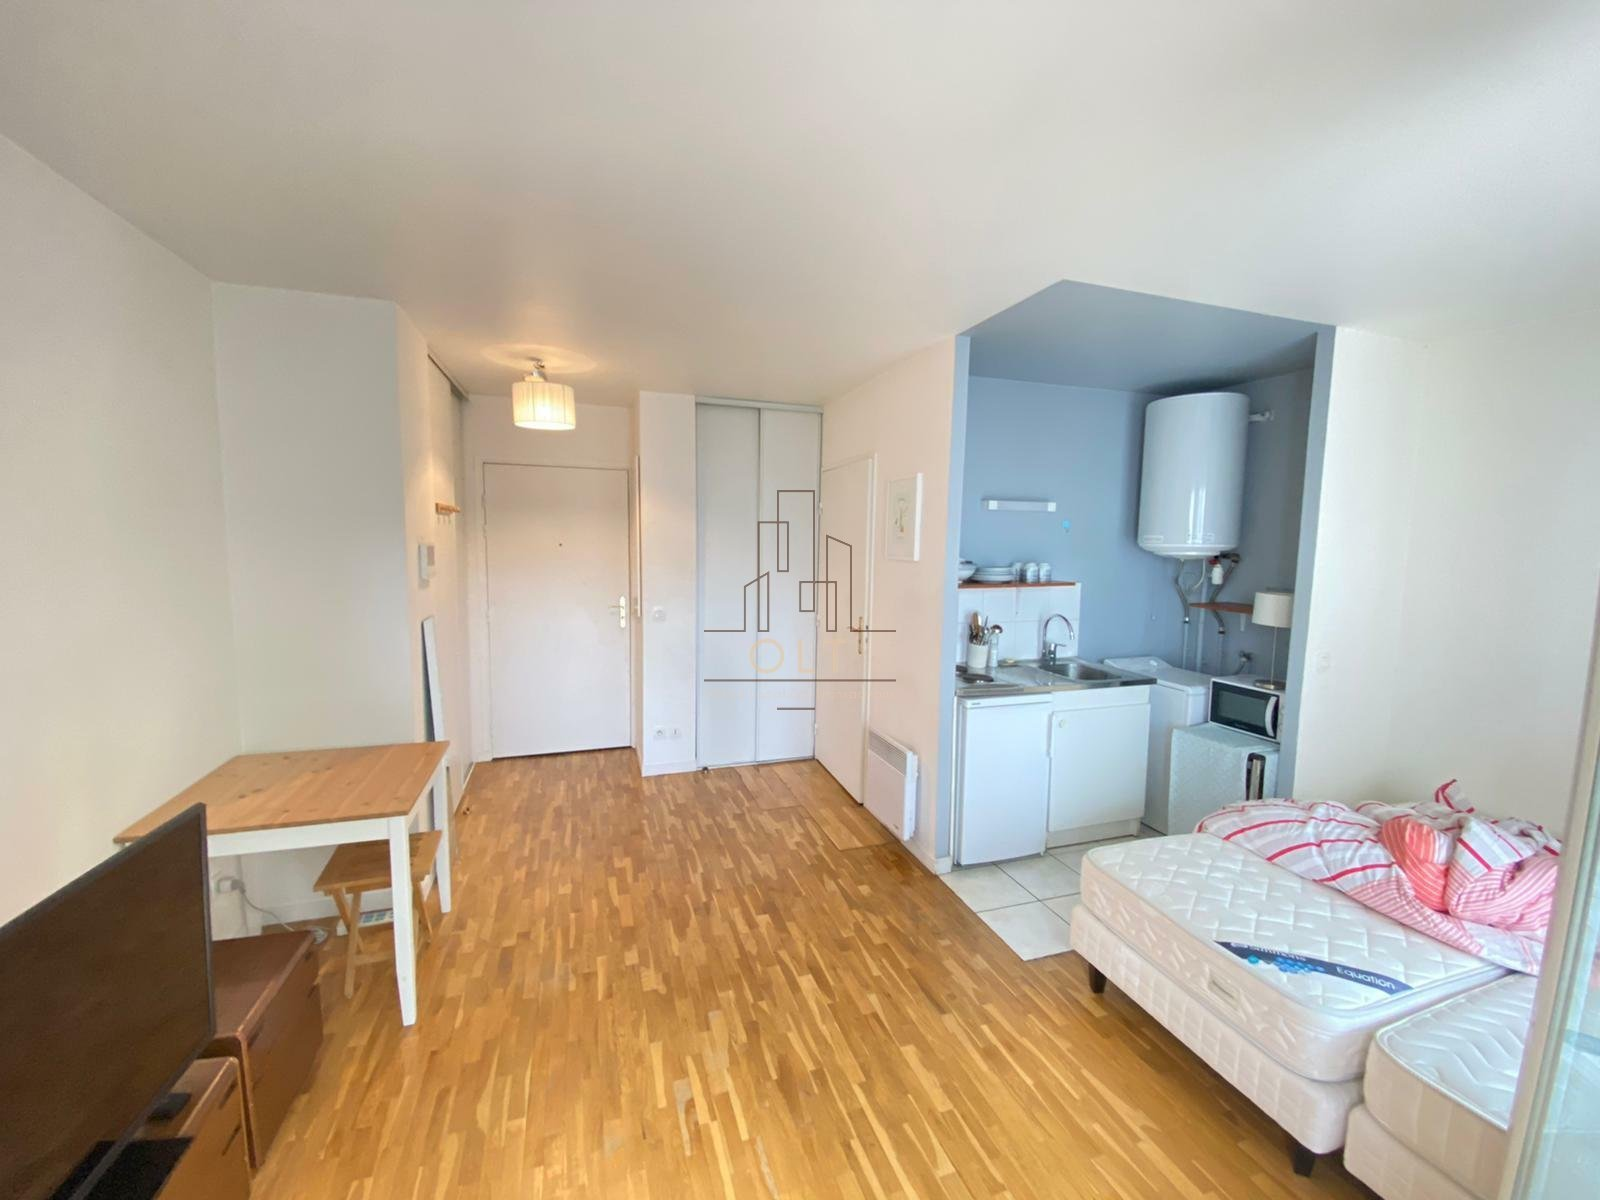 Appartement a louer puteaux - 1 pièce(s) - 22.57 m2 - Surfyn